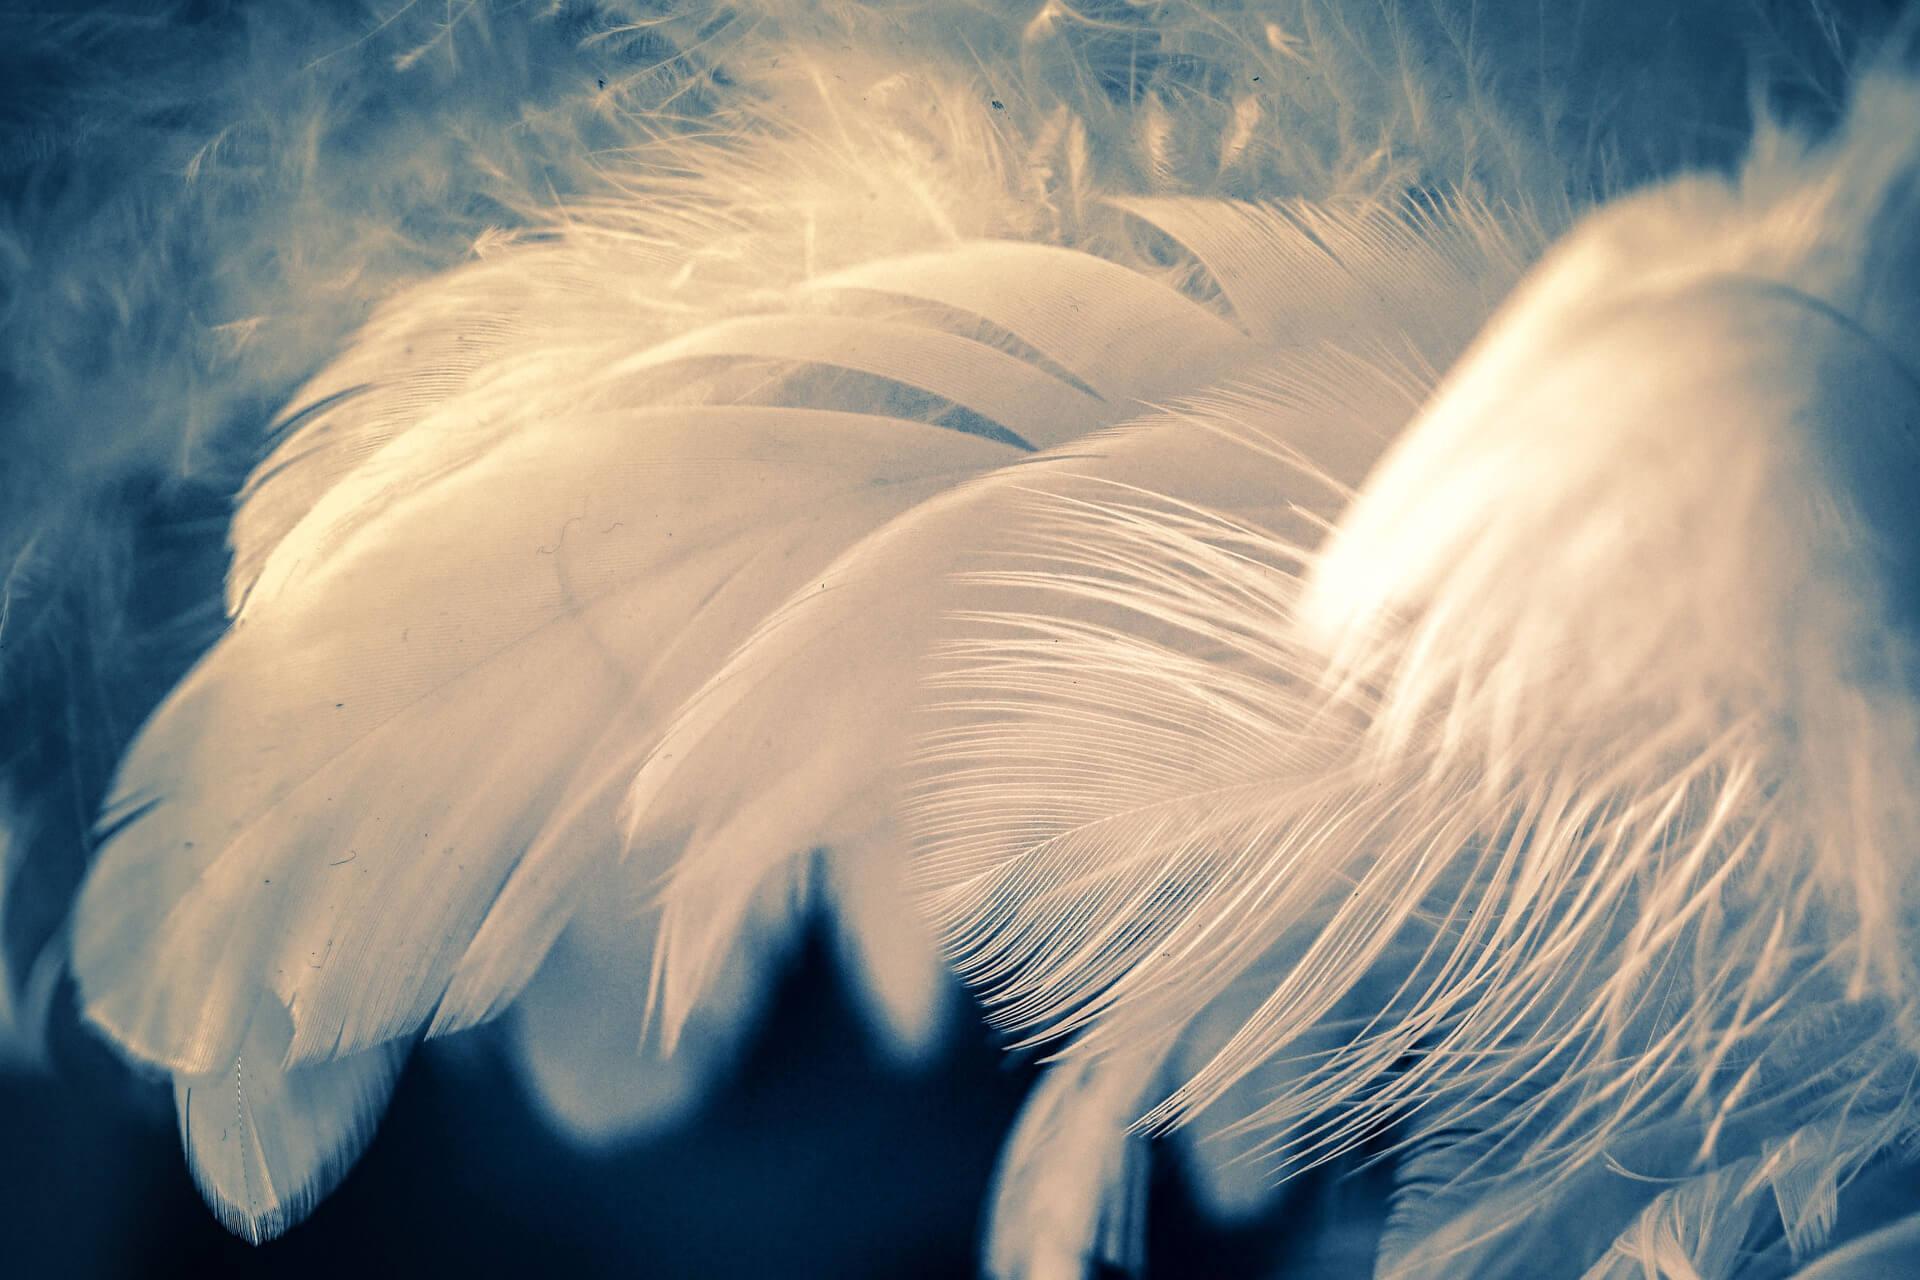 Feather-feder-weiß-fehlgeburt-verarbeiten